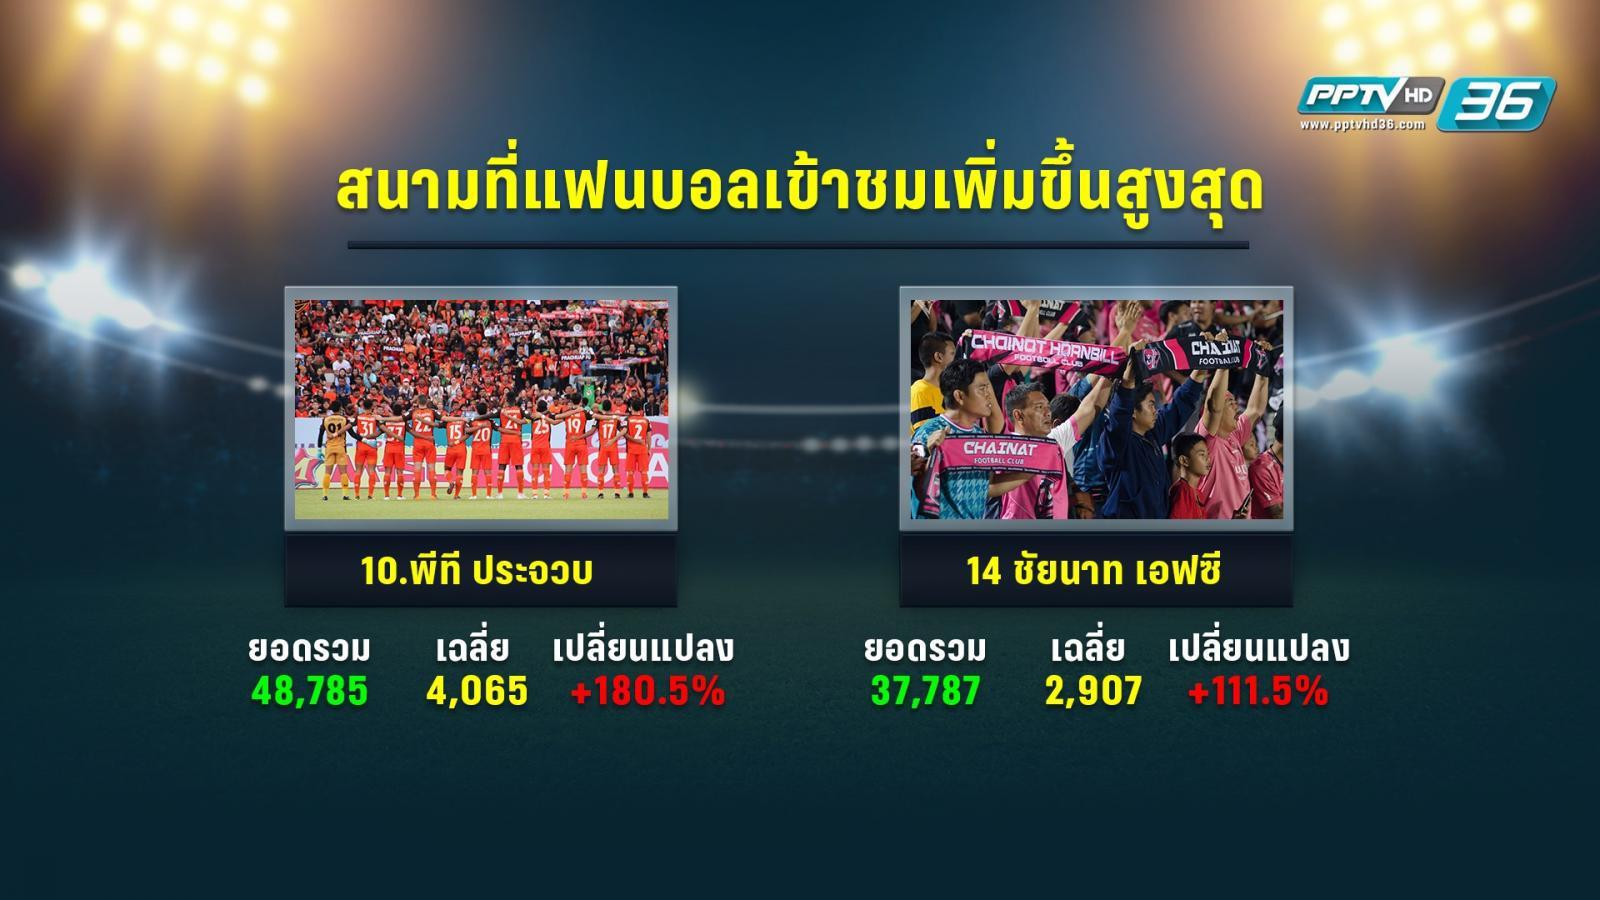 """เปิดสถิติ """"แฟนบอลไทยลีกลดลง"""" สัญญาณอันตรายลูกหนังไทย"""